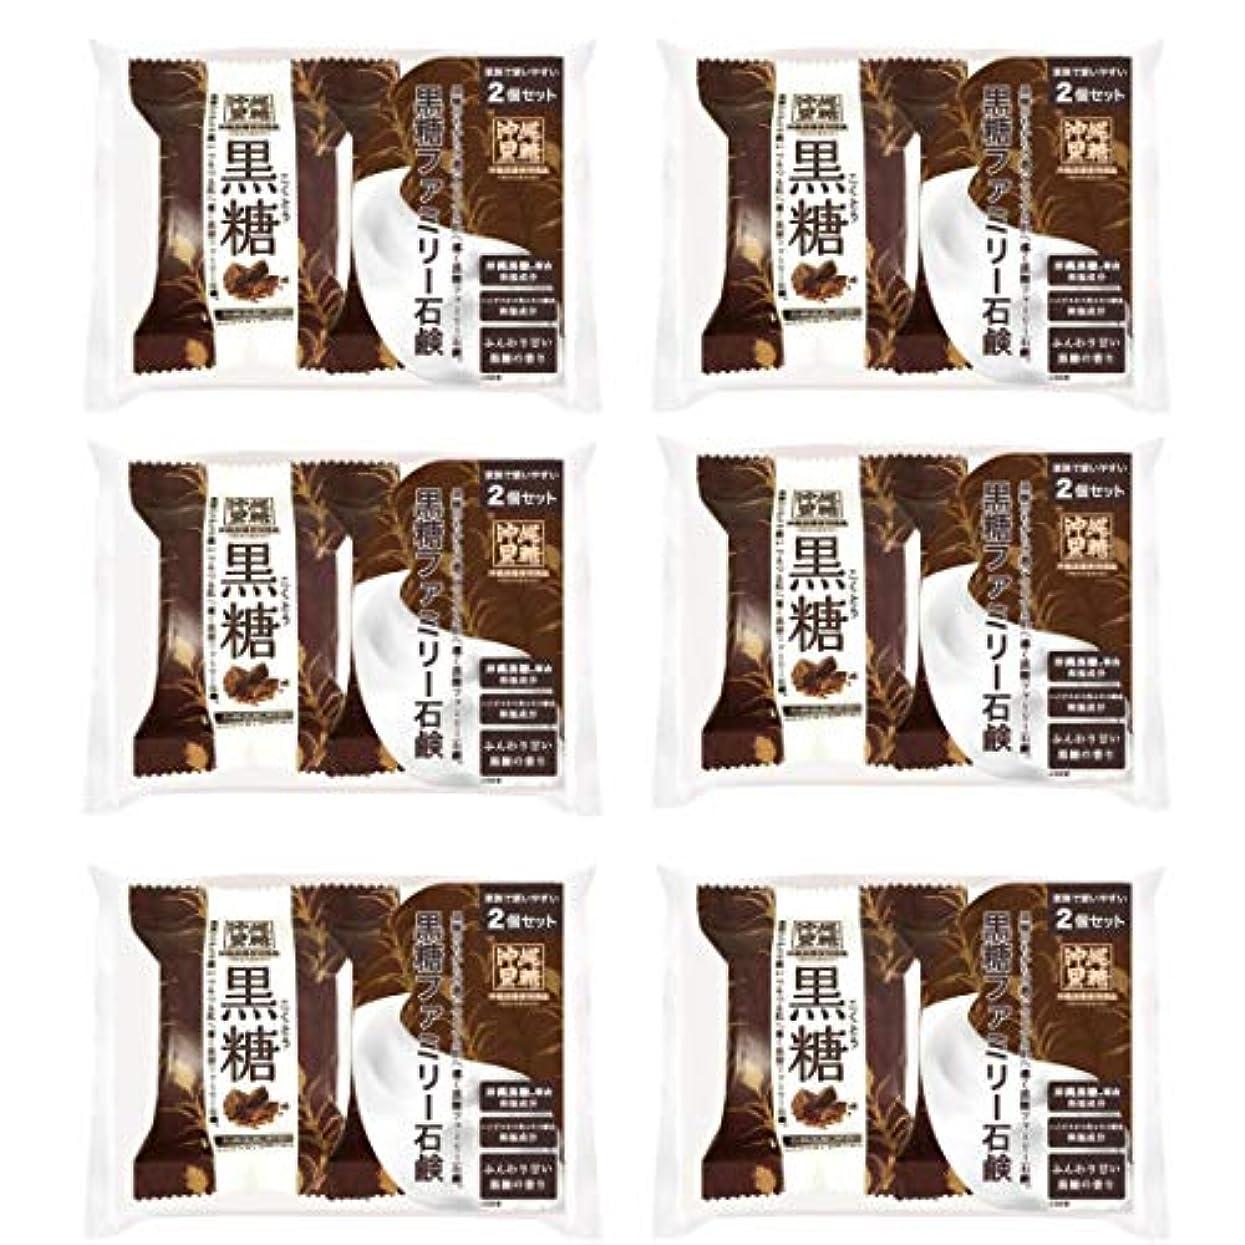 事件、出来事修道院征服者【6個セット】ペリカン石鹸 ファミリー黒糖石鹸 80g×2個